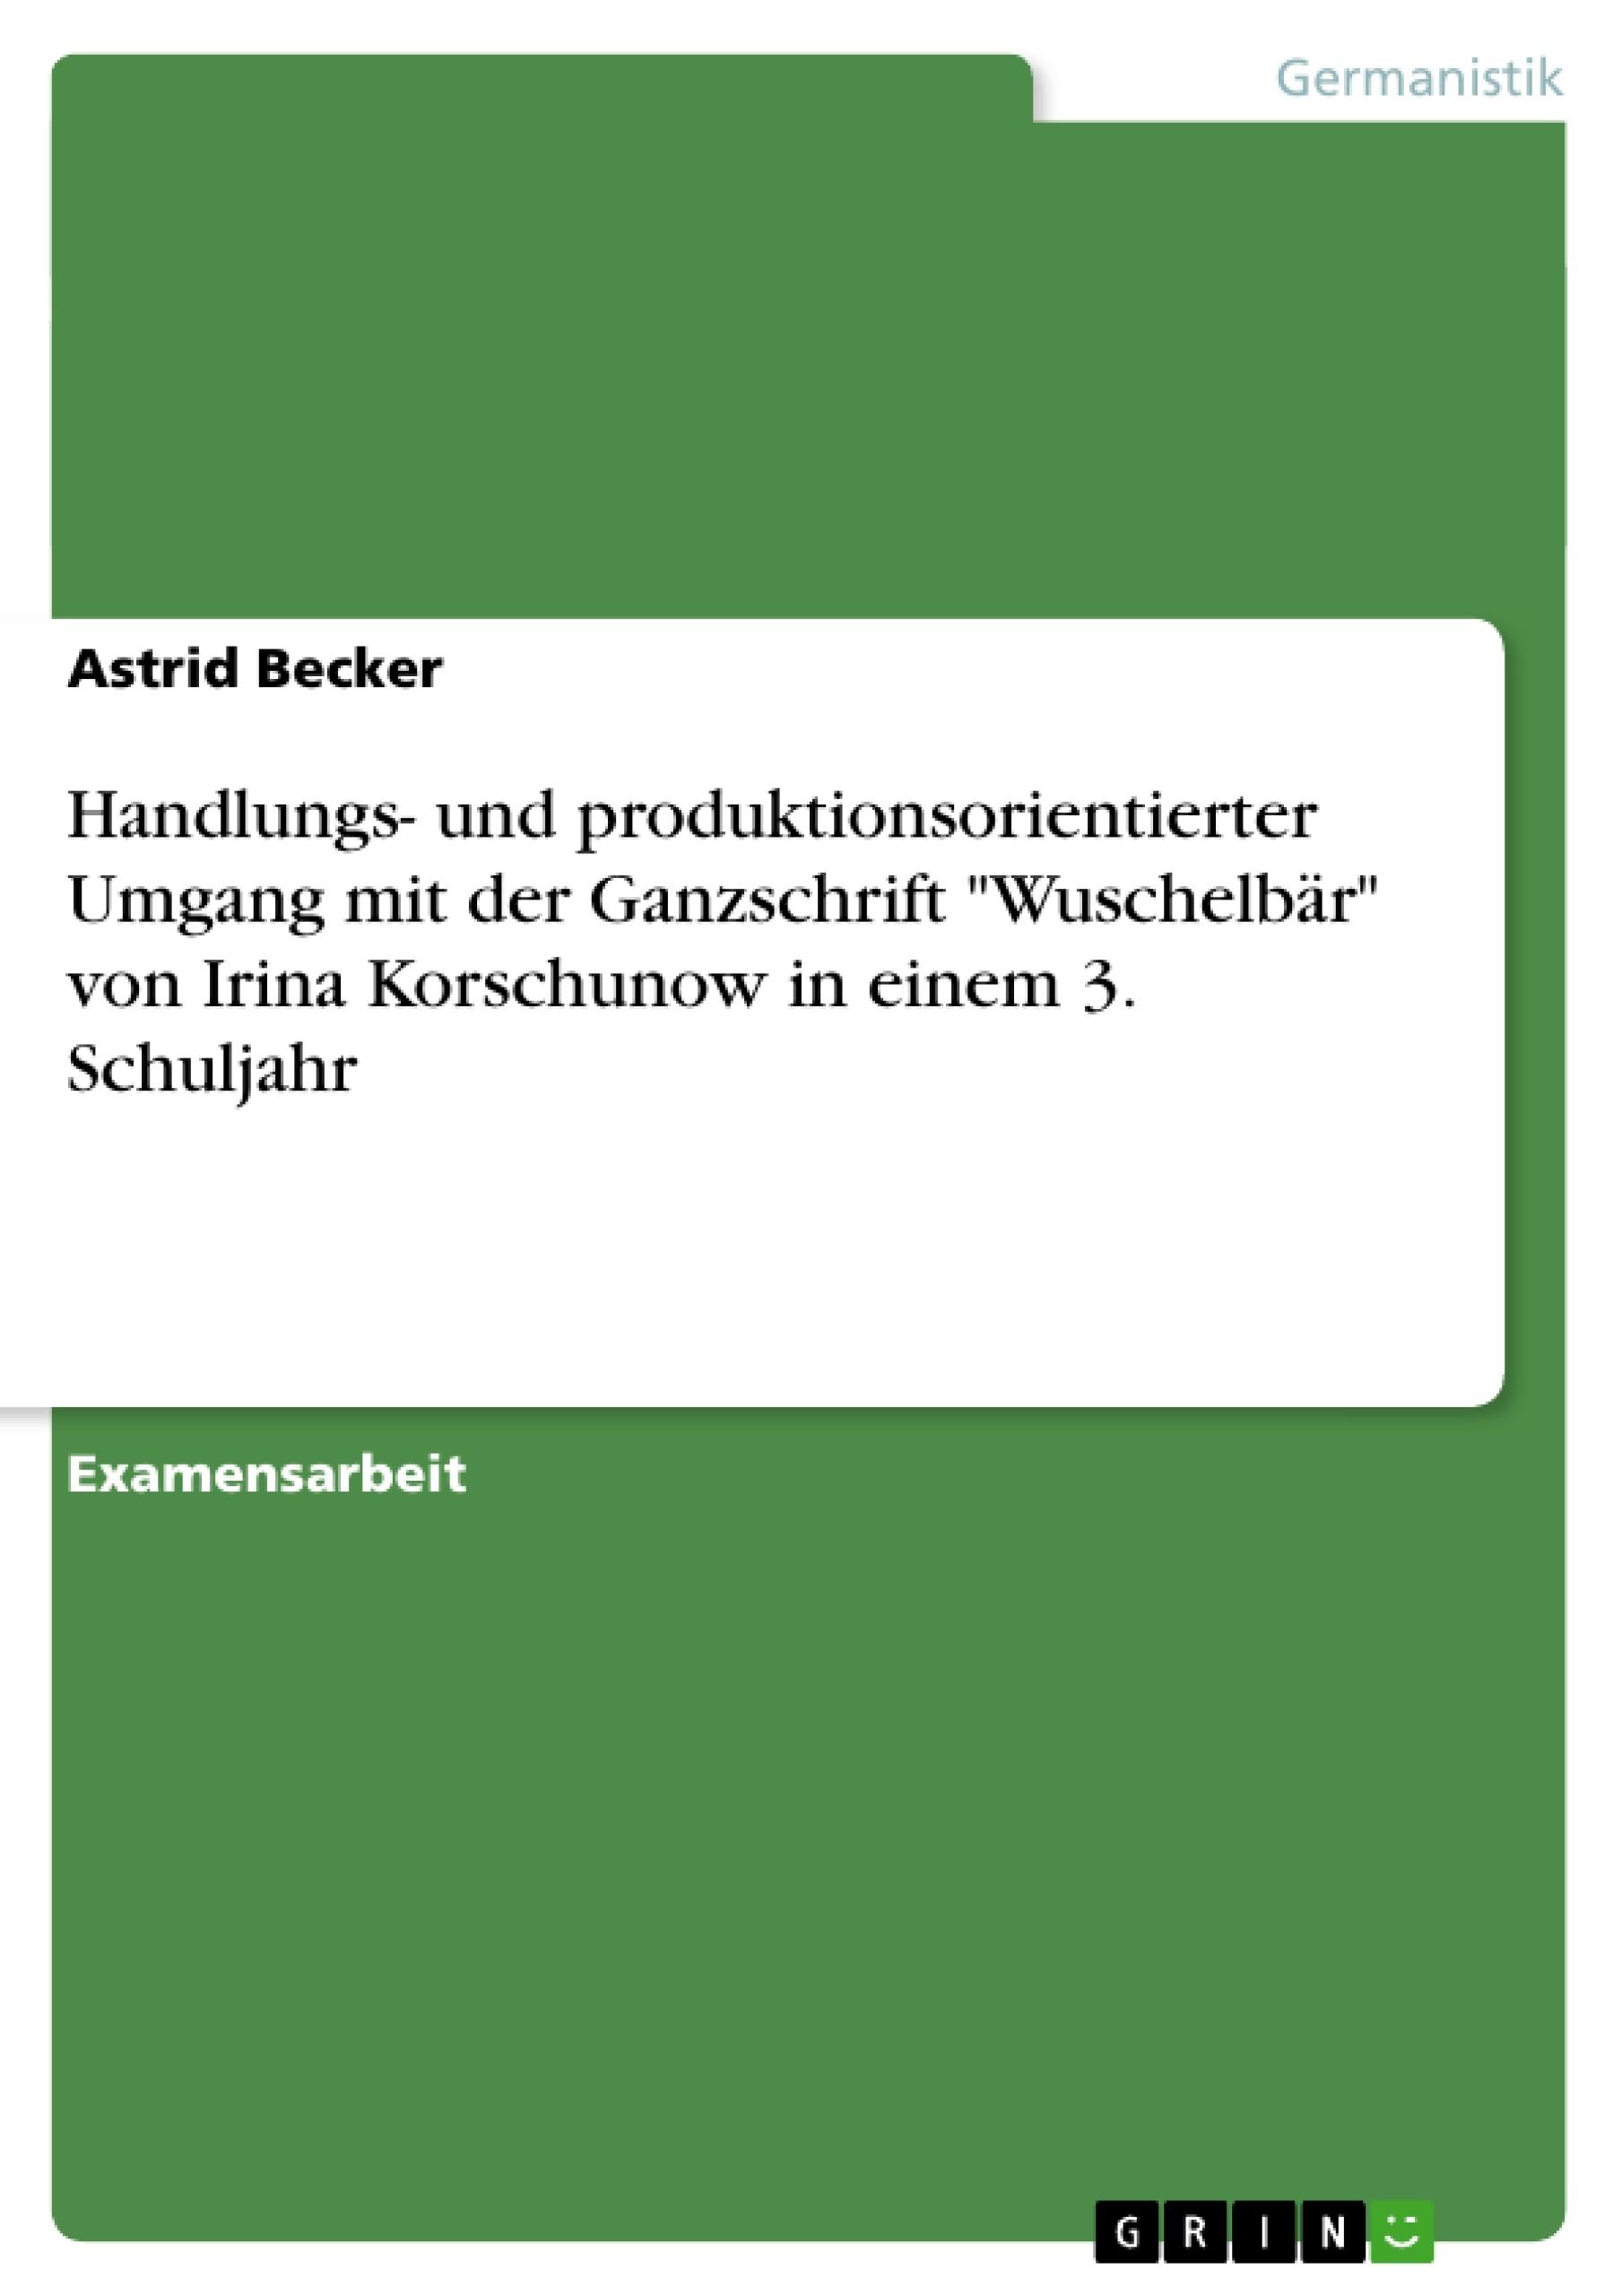 """Titel: Handlungs- und produktionsorientierter Umgang mit der Ganzschrift """"Wuschelbär"""" von Irina Korschunow in einem 3. Schuljahr"""